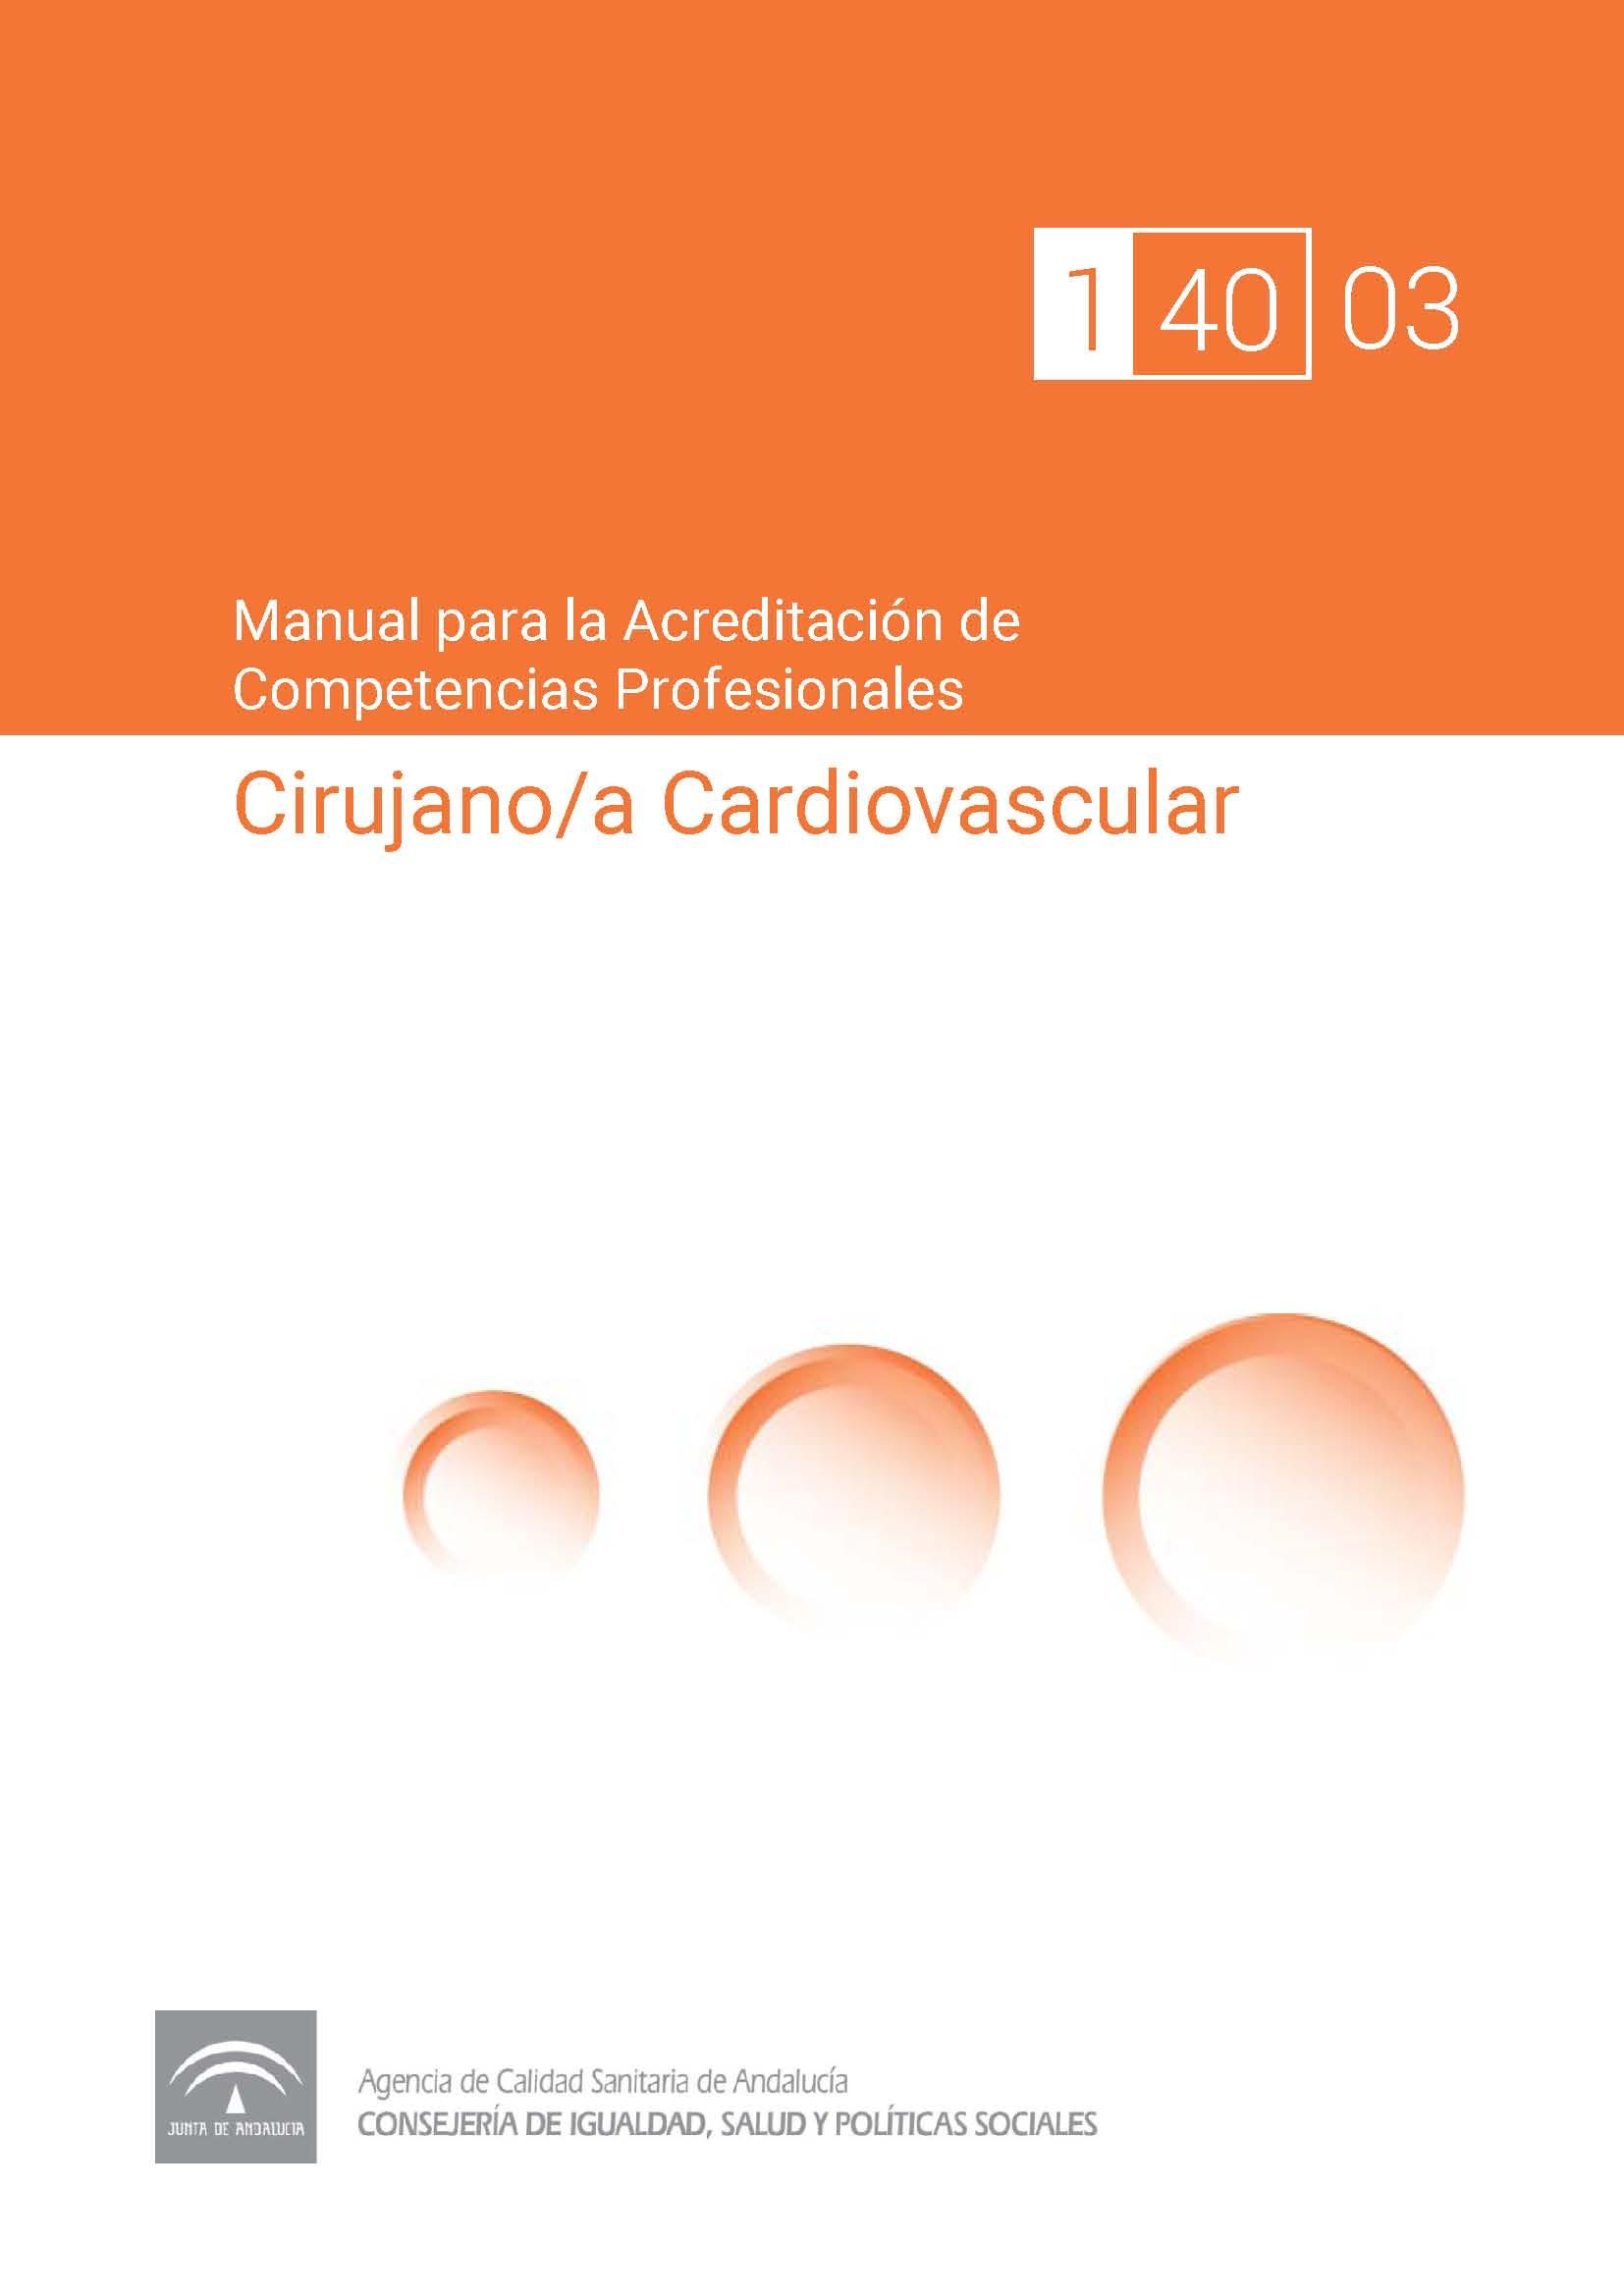 Manual de competencias profesionales del/de la Cirujano/a Cardiovascular